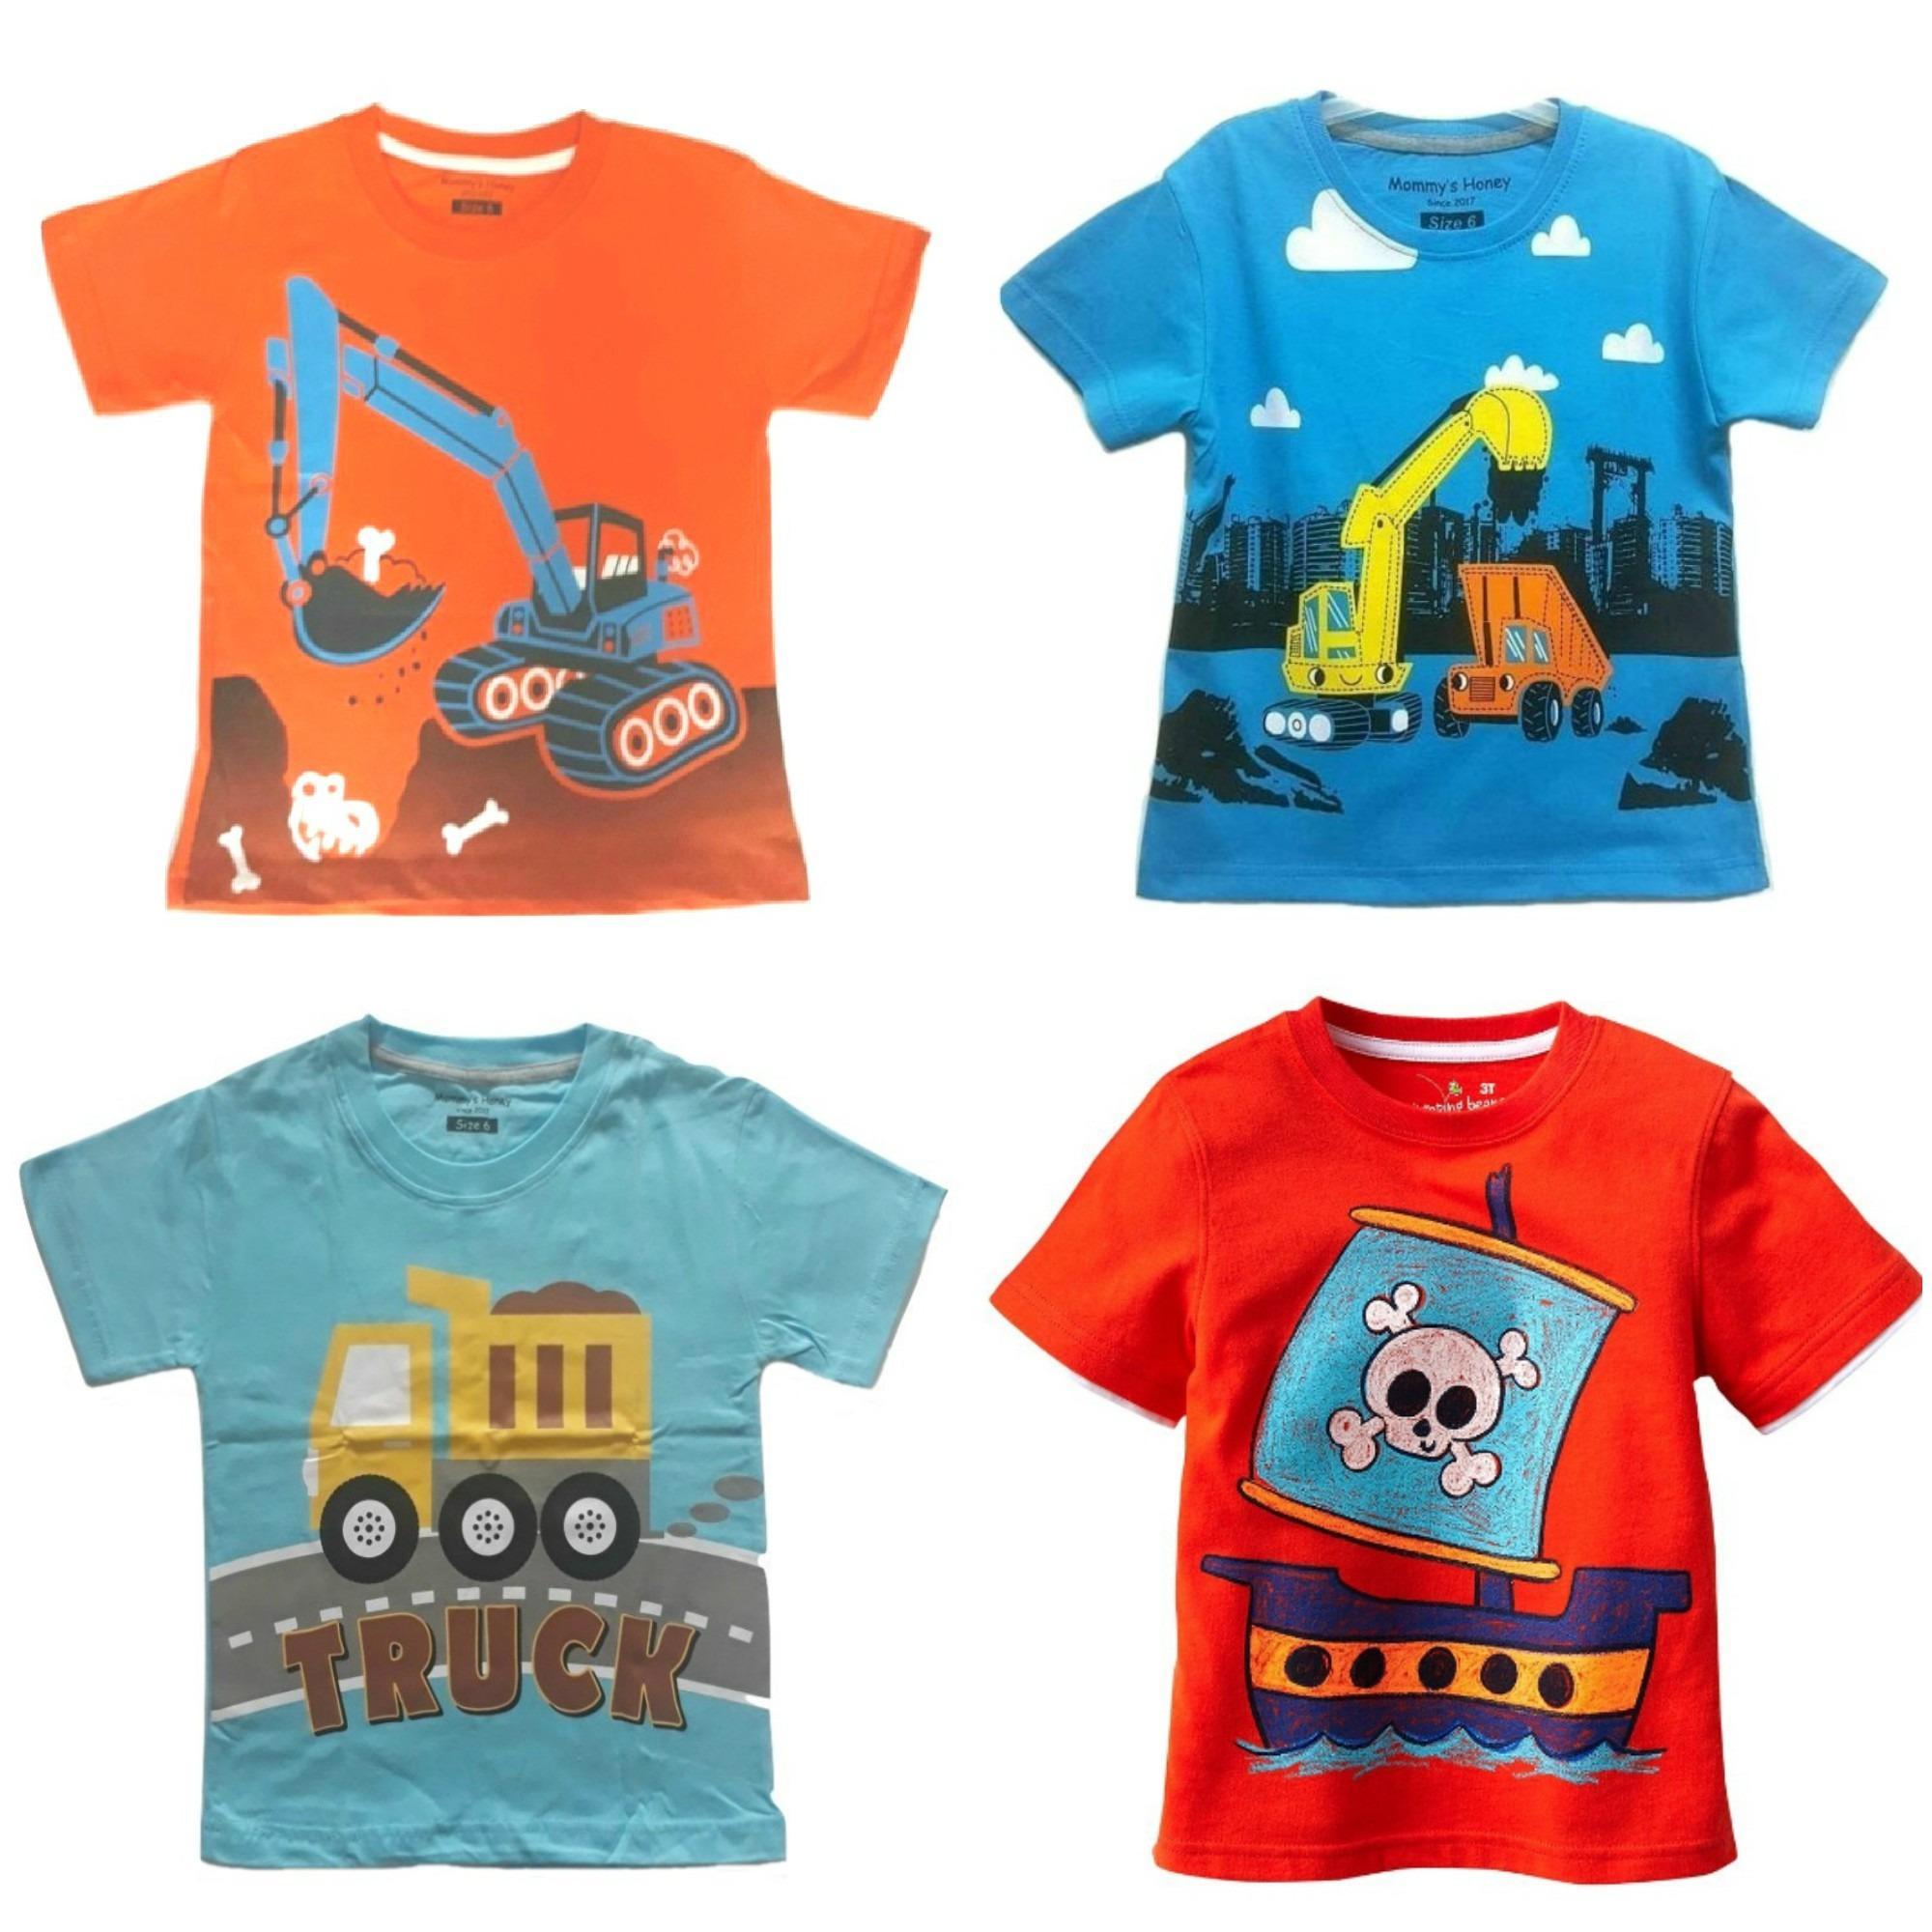 Keranjang Baju Mainan Random Update Daftar Harga Terbaru Indonesia Karakter Laundry Bag Good Quality Jual Spesifikasi Bandingkan Source Rp 97 000